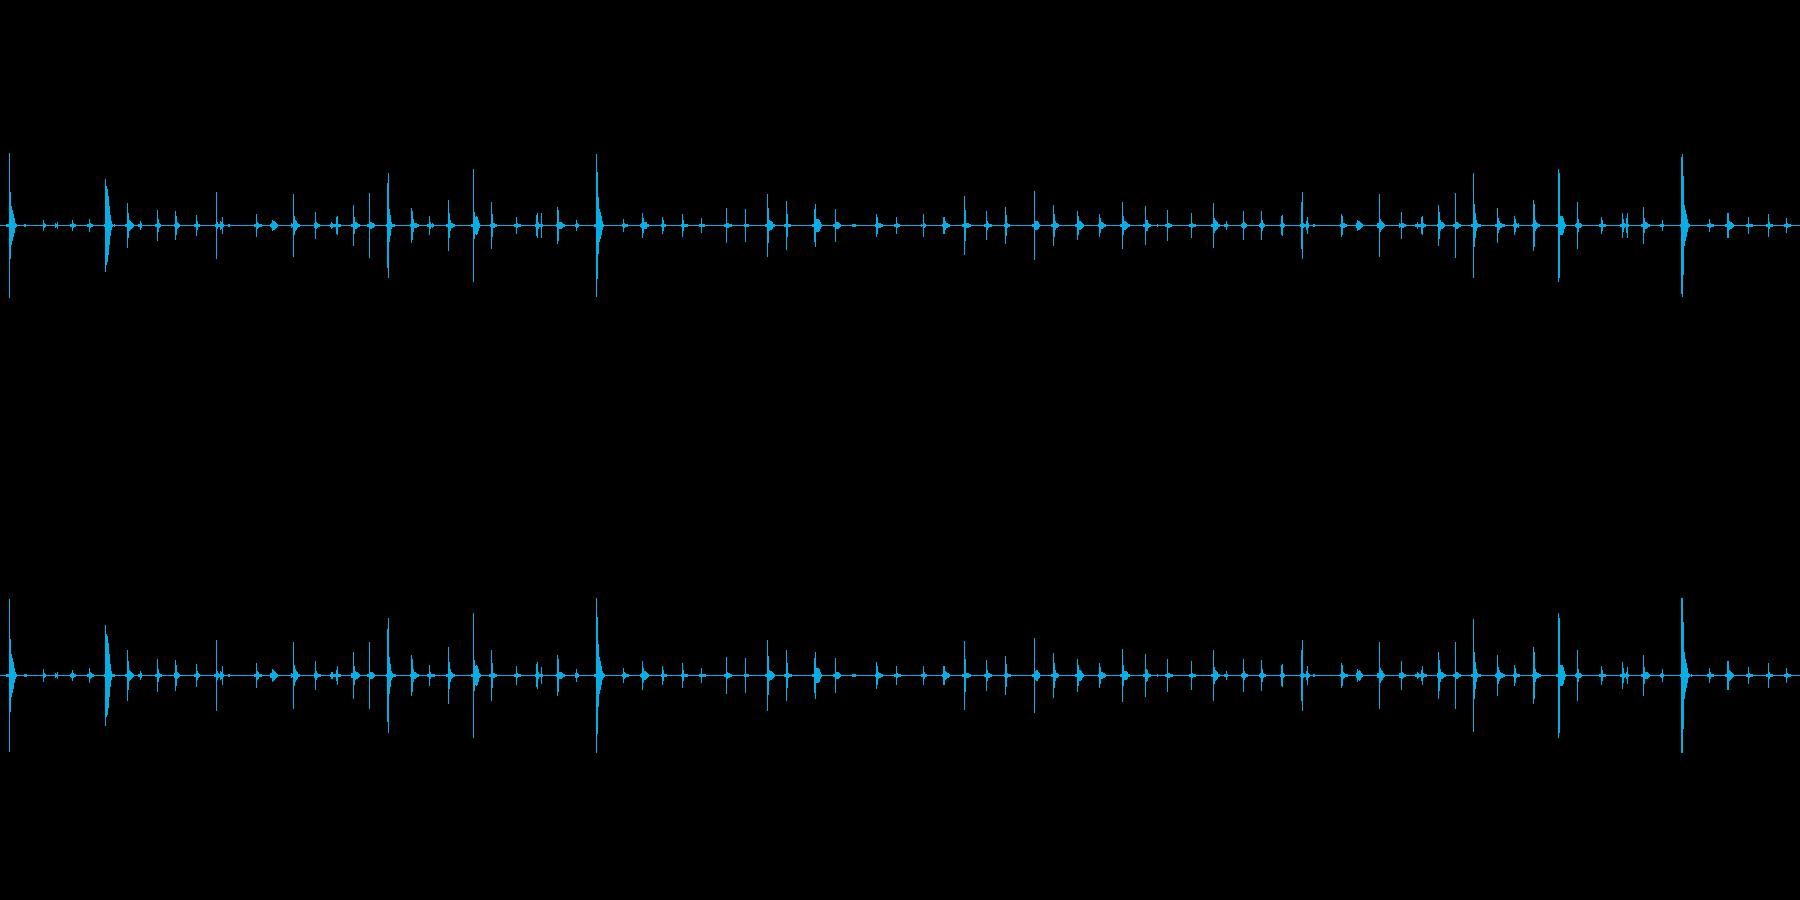 チャポンチャポン(水が滴る音)の再生済みの波形